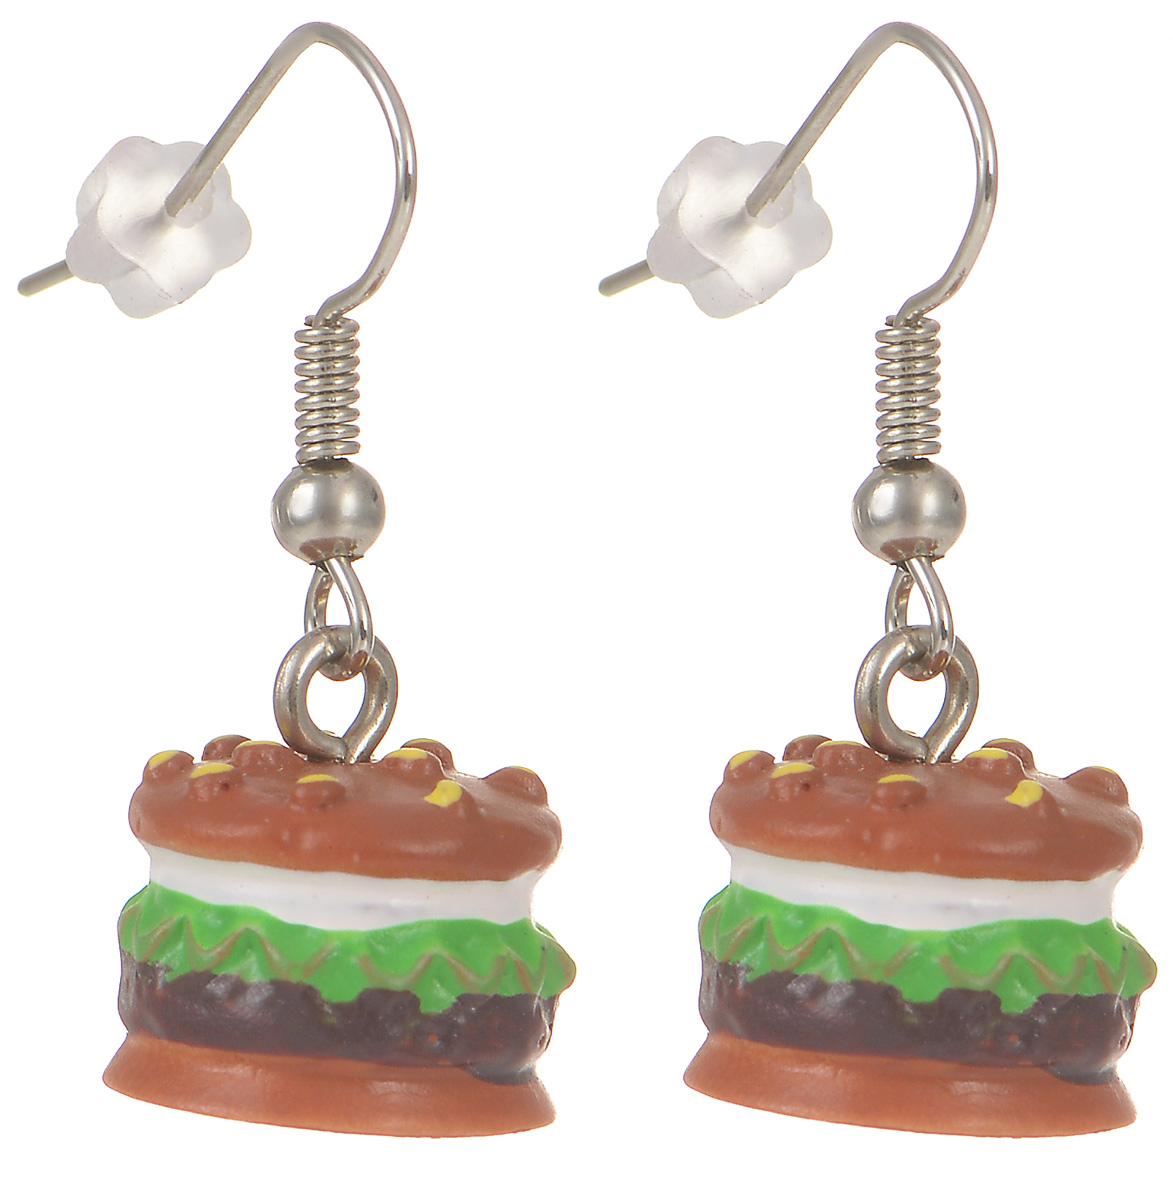 Серьги Kawaii Factory Гамбургер, цвет: коричневый. KW092-000173KW092-000173Милые серьги Гамбургер от Kawaii Factory помогут разнообразить серые будни и непременно поднимут настроение! Серьги выполнены из полимерной глины и снабжены удобными замочками-петлями. Небольшой размер позволяет сочетать их с другими украшениями, а яркий цвет и оригинальный дизайн выделят своего обладателя из толпы и привлекут внимание. При взгляде на такое украшение сразу появляется аппетит и утренний заряд бодрости.